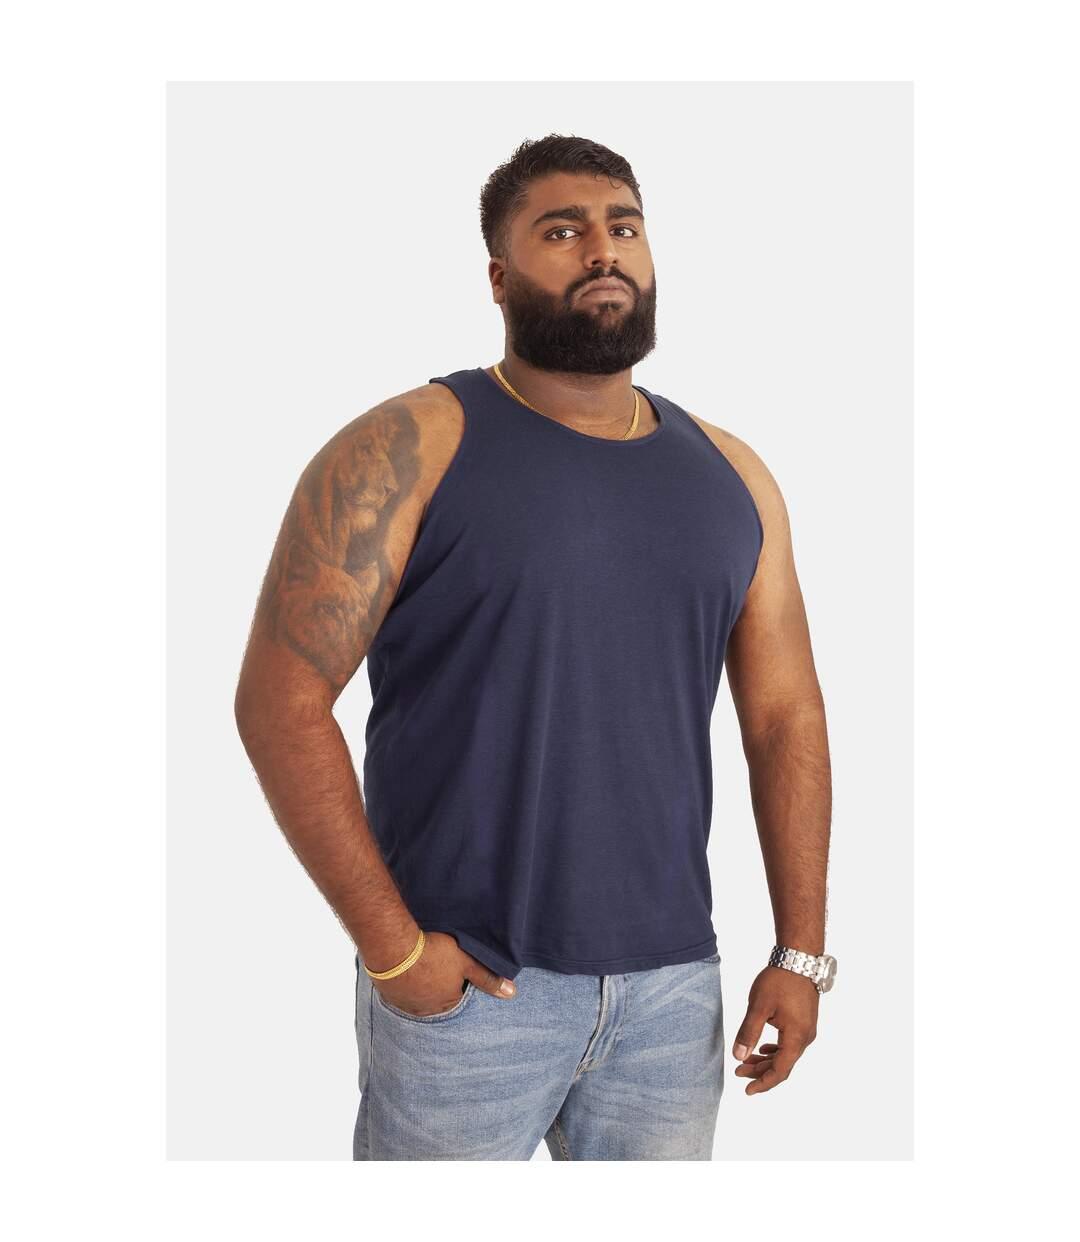 Duke Mens Fabio-1 Muscle Vest (Navy) - UTDC173